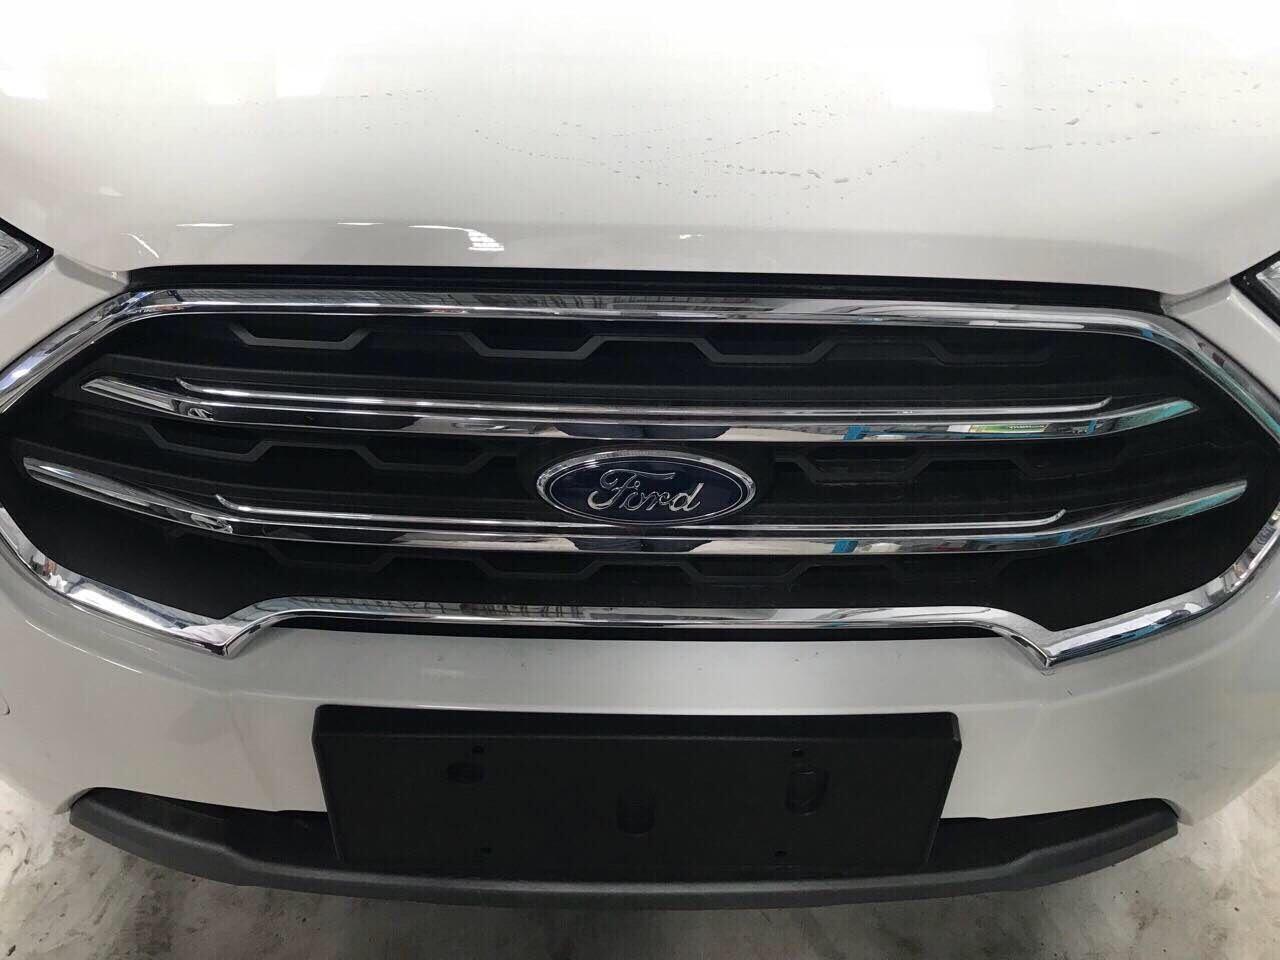 Ford Ecosport 2018 lộ diện trước ngày ra mắt tại Việt Nam, giá - Hình 2